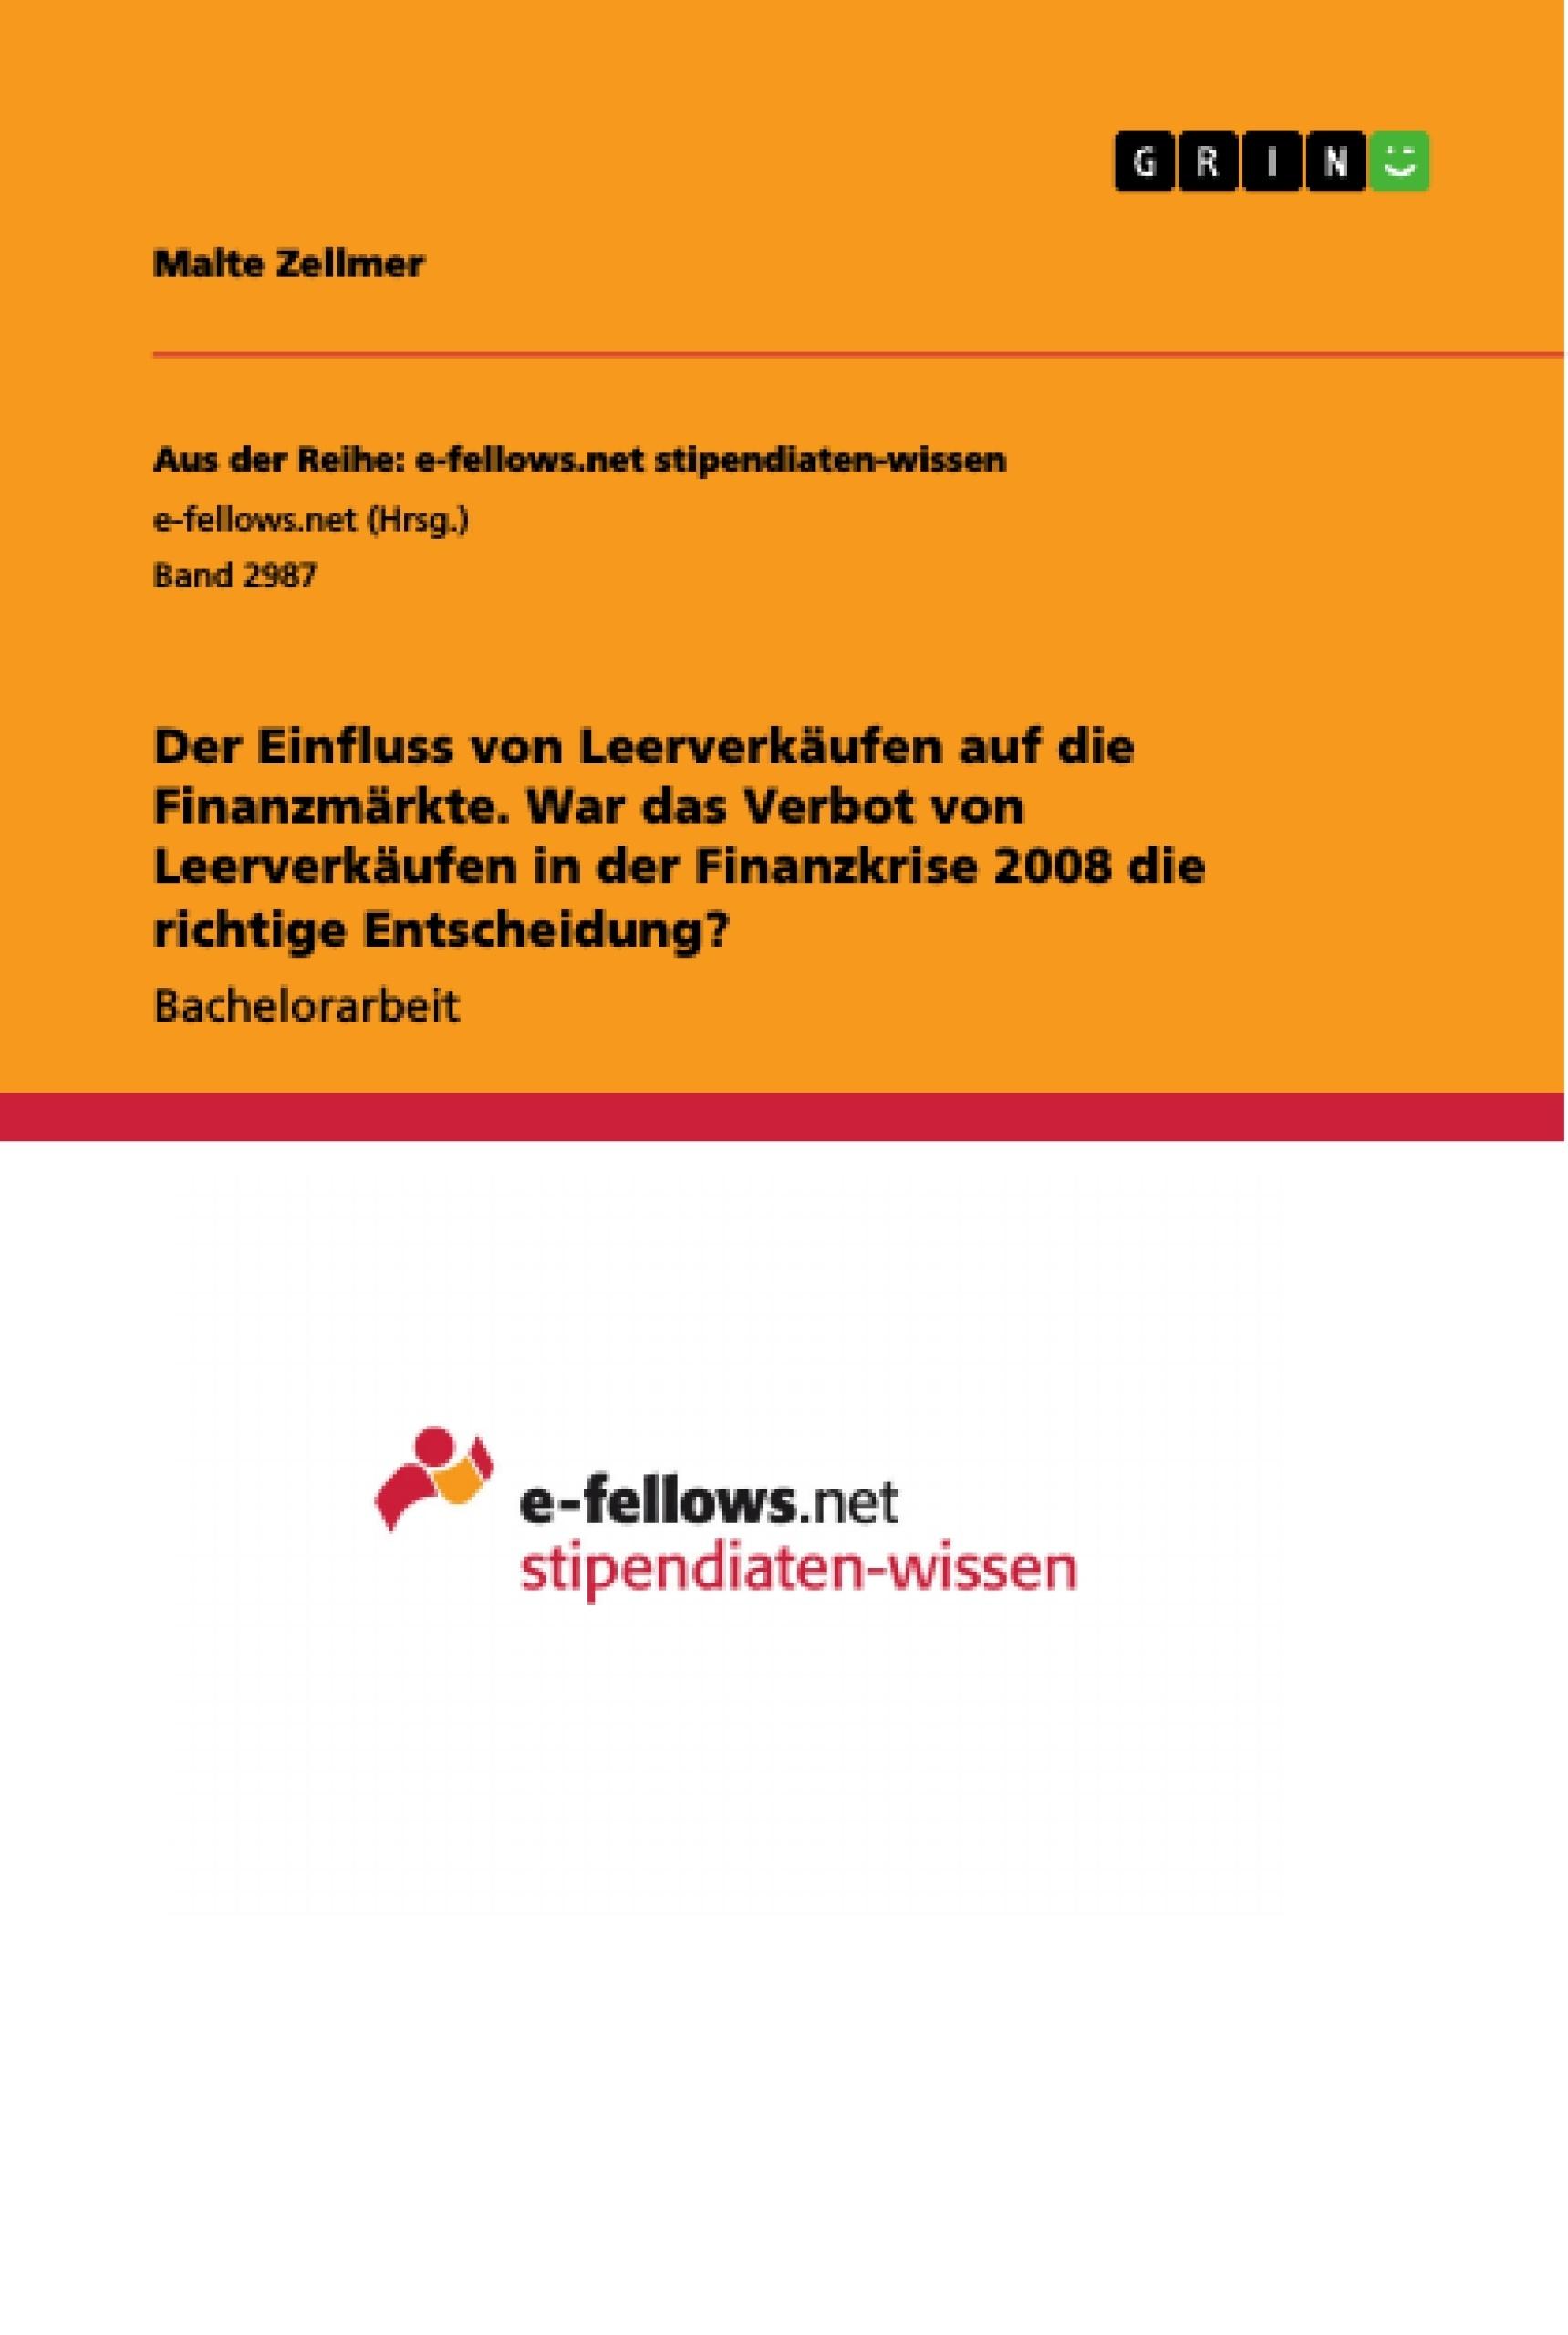 Titel: Der Einfluss von Leerverkäufen auf die Finanzmärkte. War das Verbot von Leerverkäufen in der Finanzkrise 2008 die richtige Entscheidung?